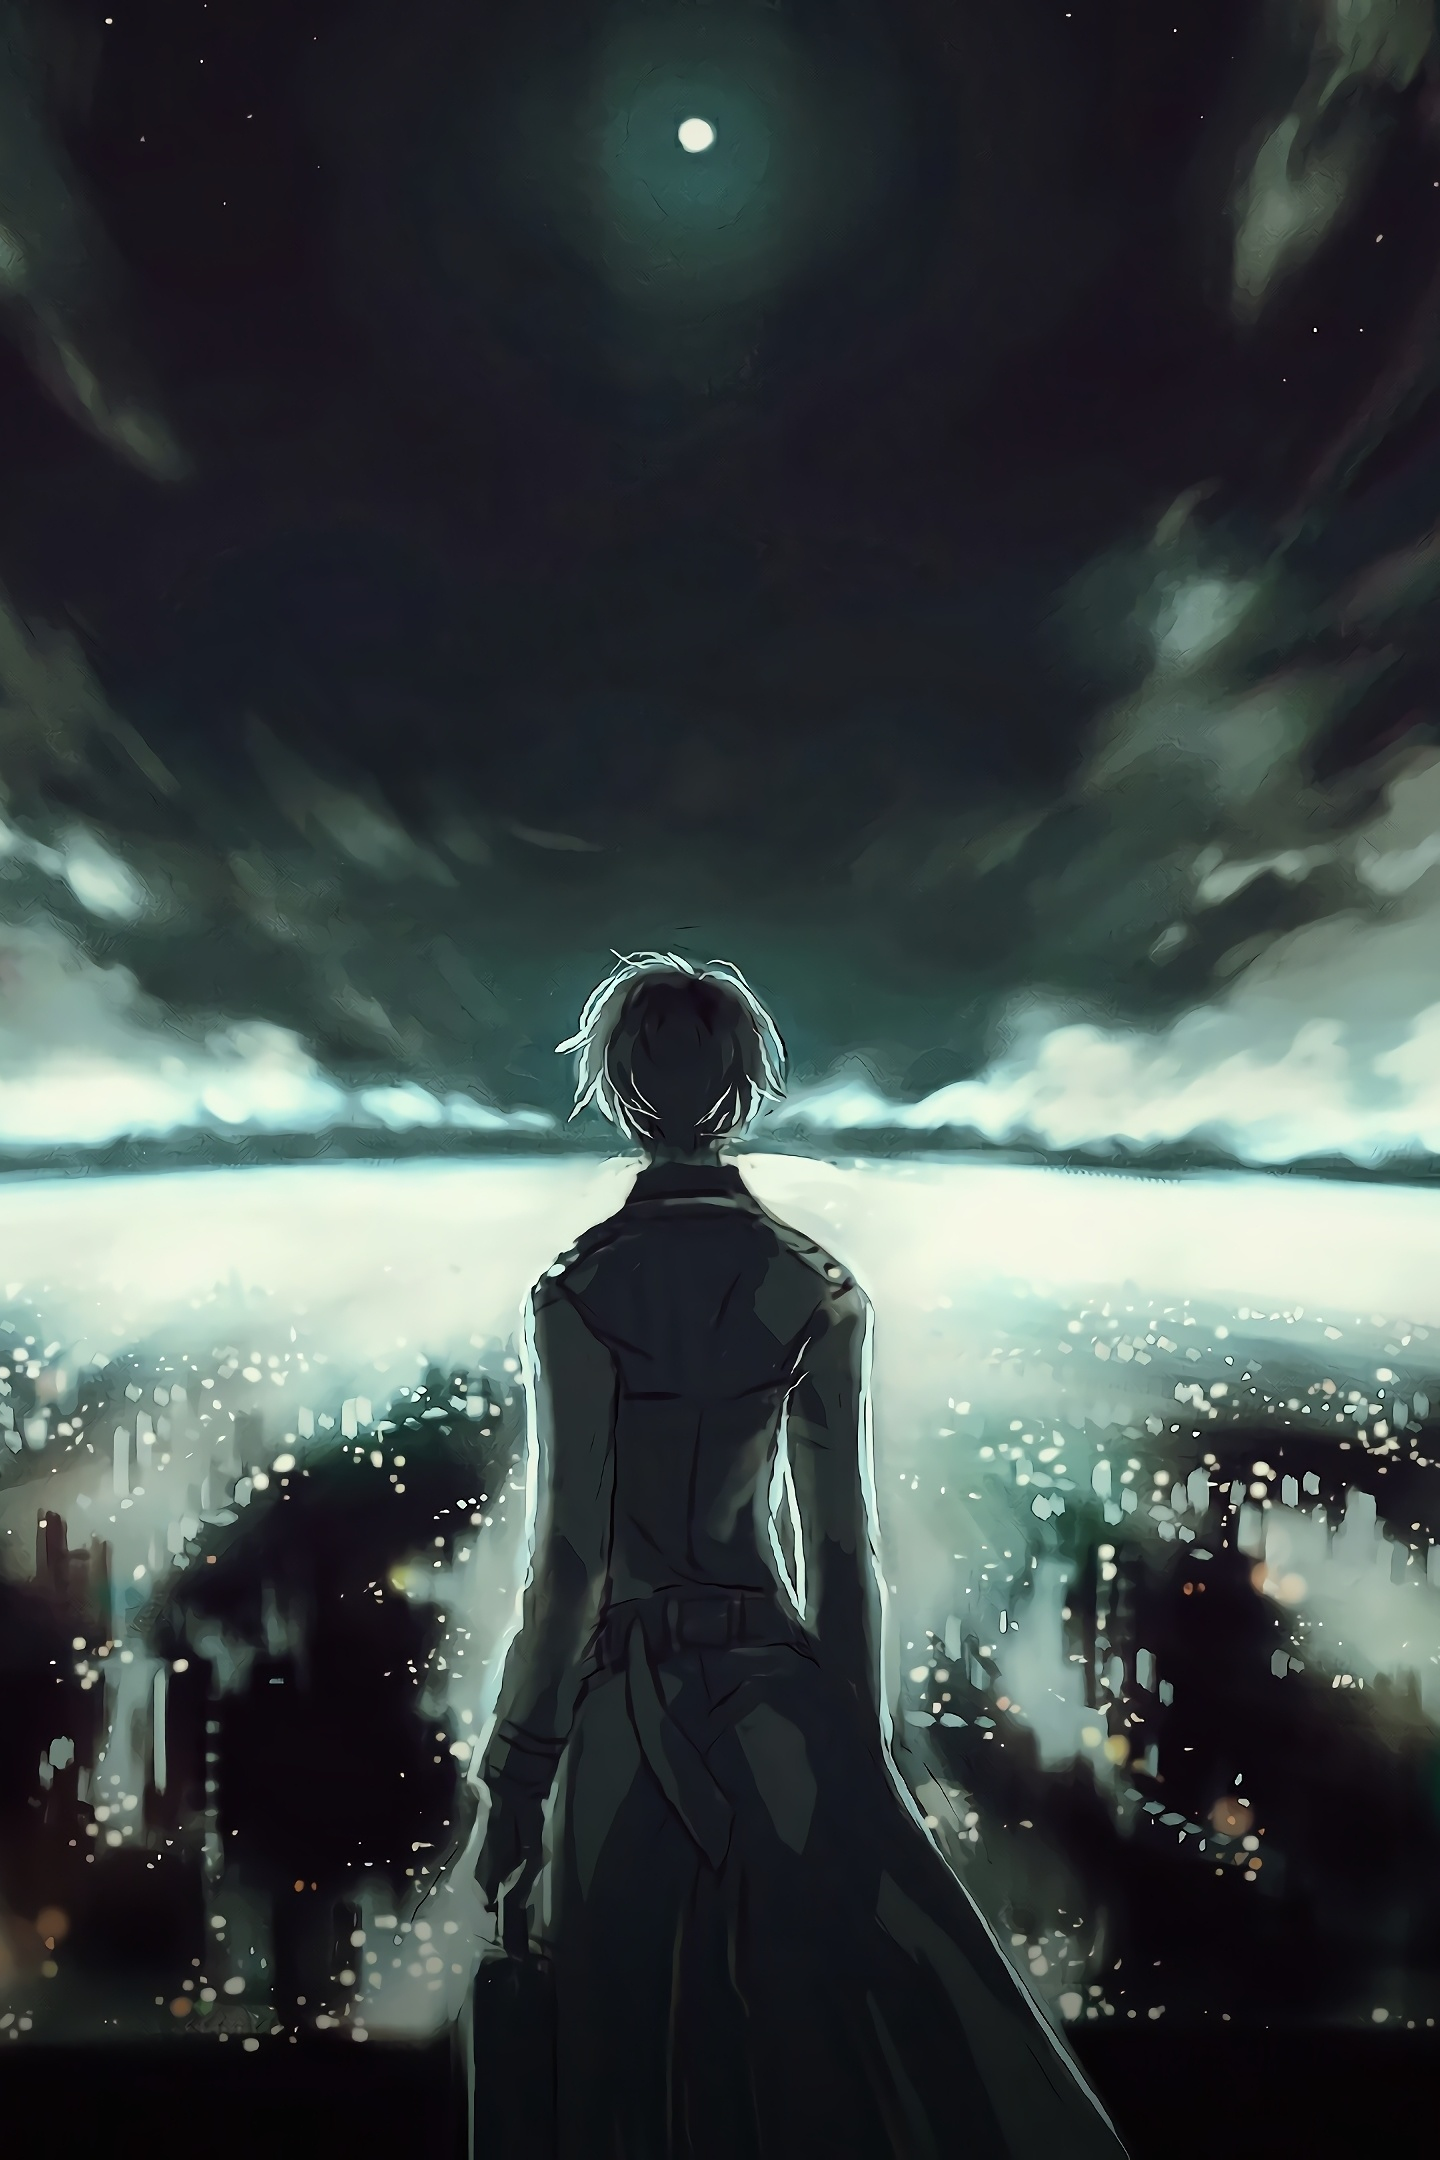 Download 1440x2960 Wallpaper Ken Kaneki Tokyo Ghoul Anime Dark